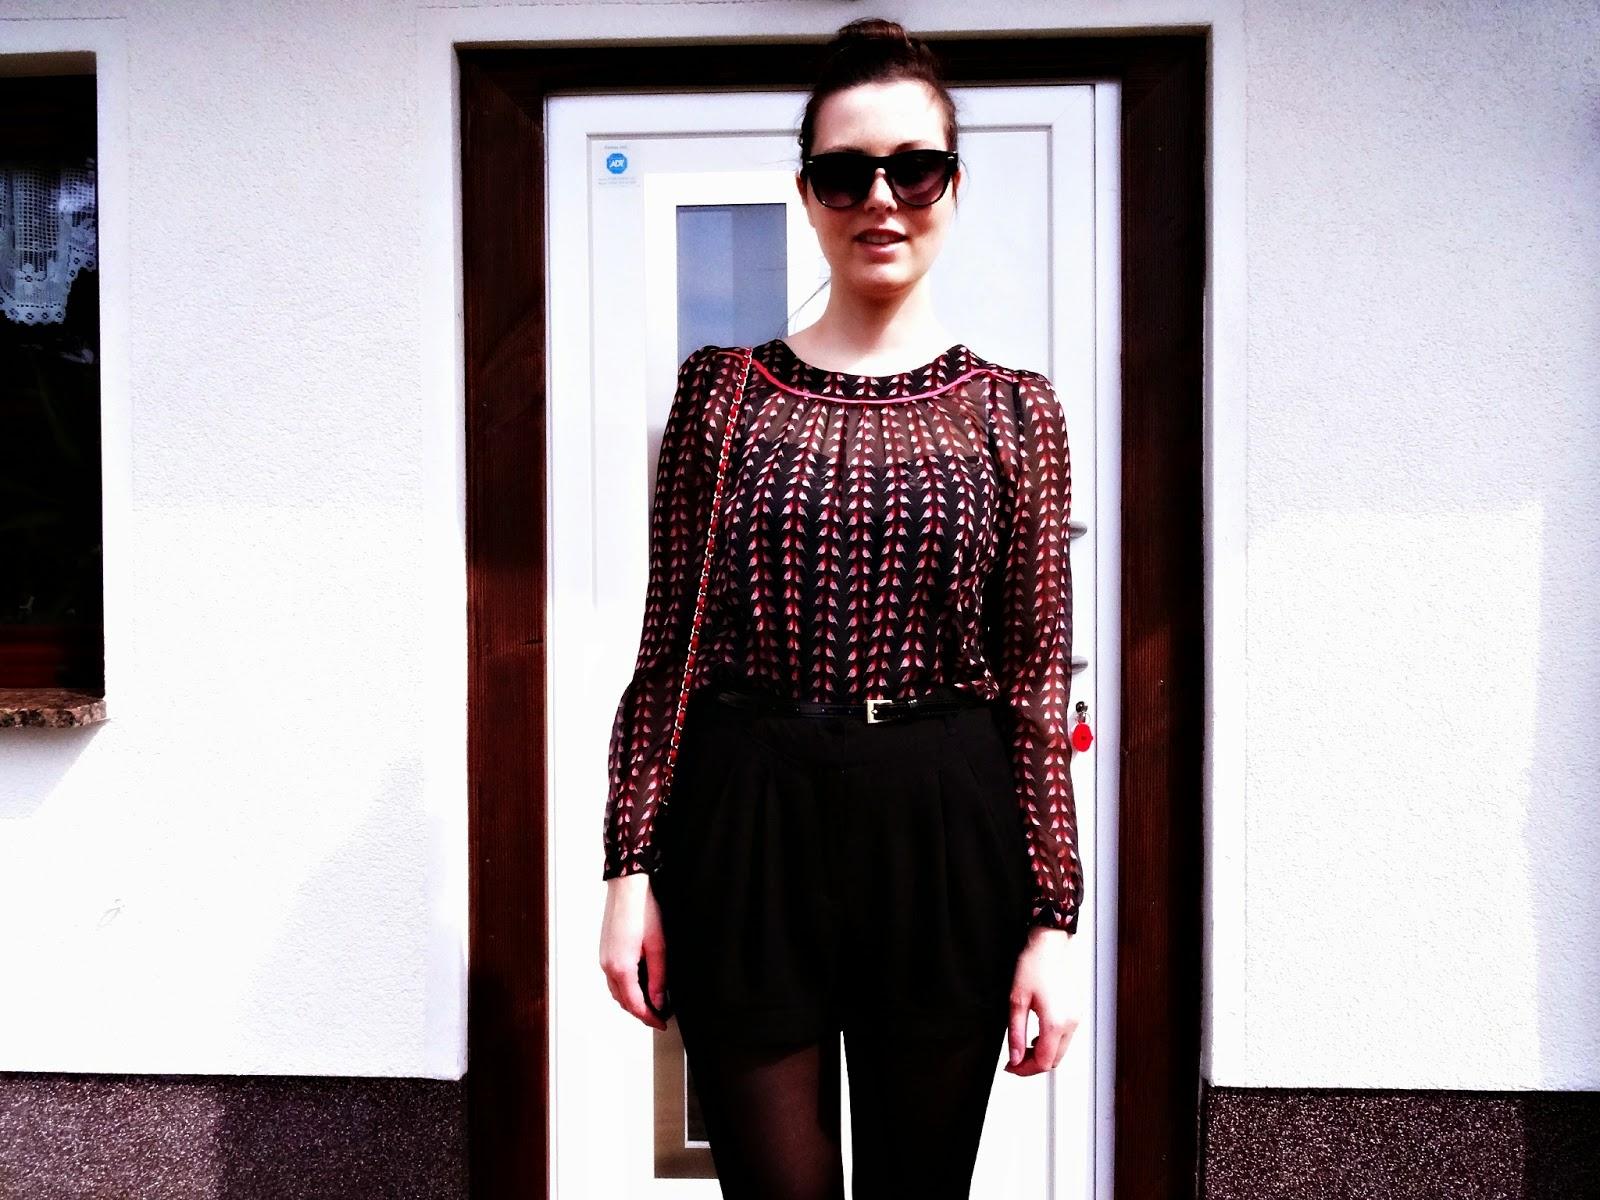 Joy Louche Blouse fashion post